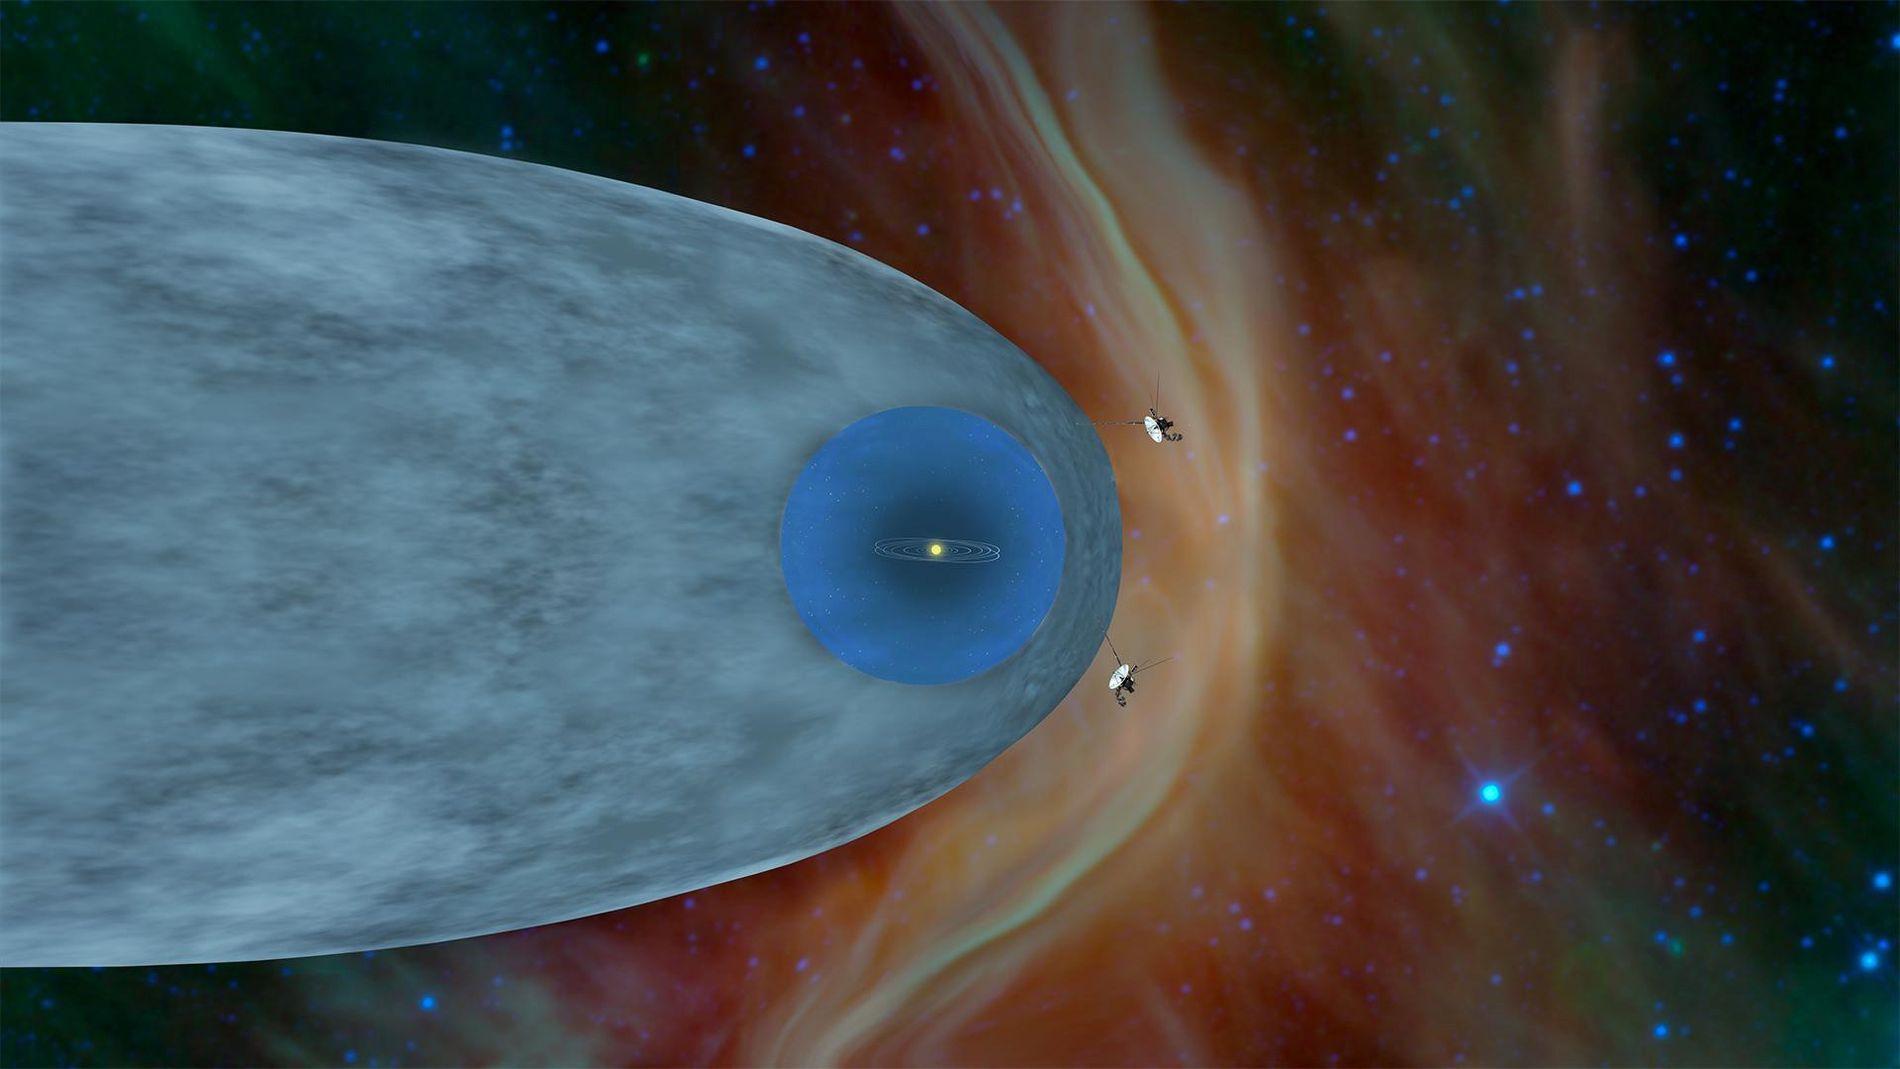 Ilustração mostra a posição das sondas Voyager 1 e Voyager 2 da Nasa fora da heliosfera, uma bolha protetora criada pelo Sol que se estende bem além da órbita de Plutão.